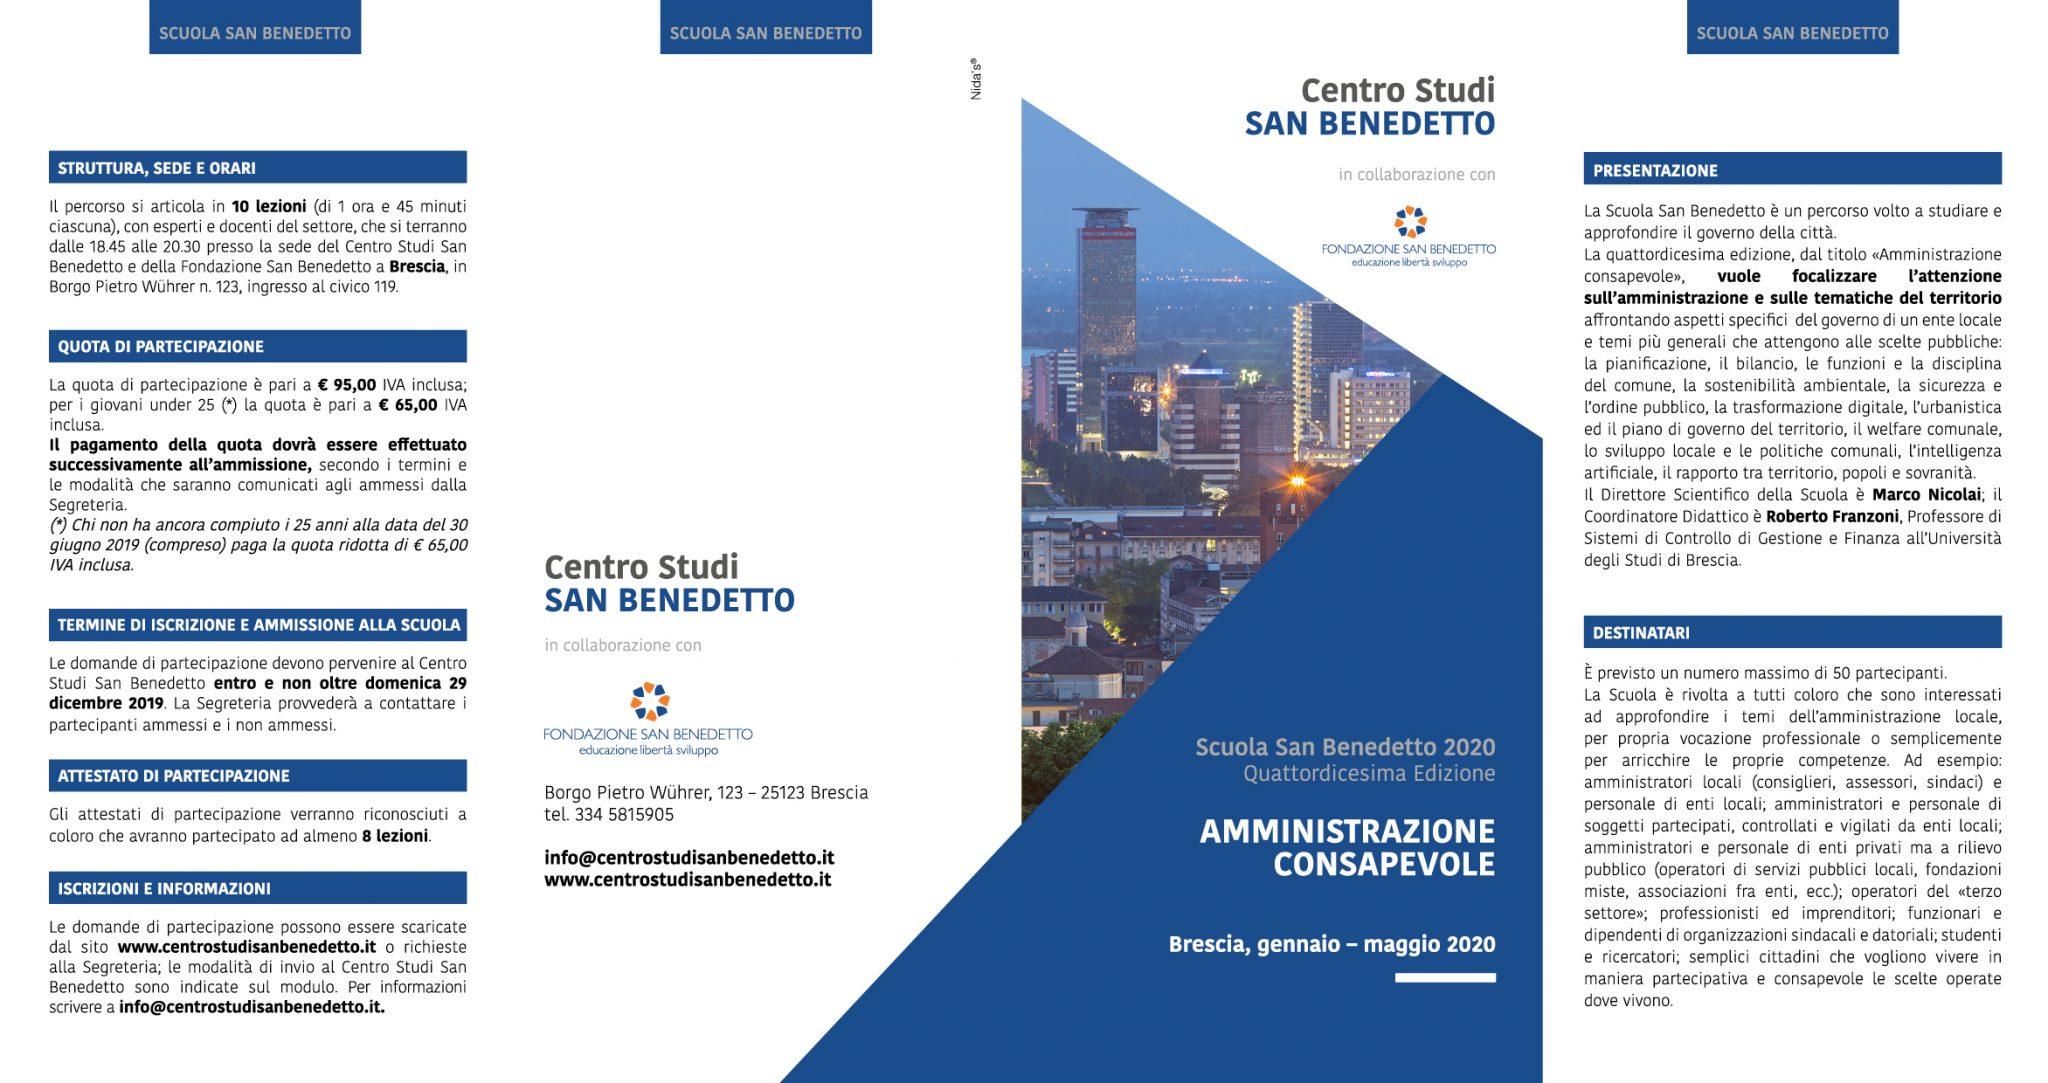 SSB XIV edizione || Amministrazione Consapevole